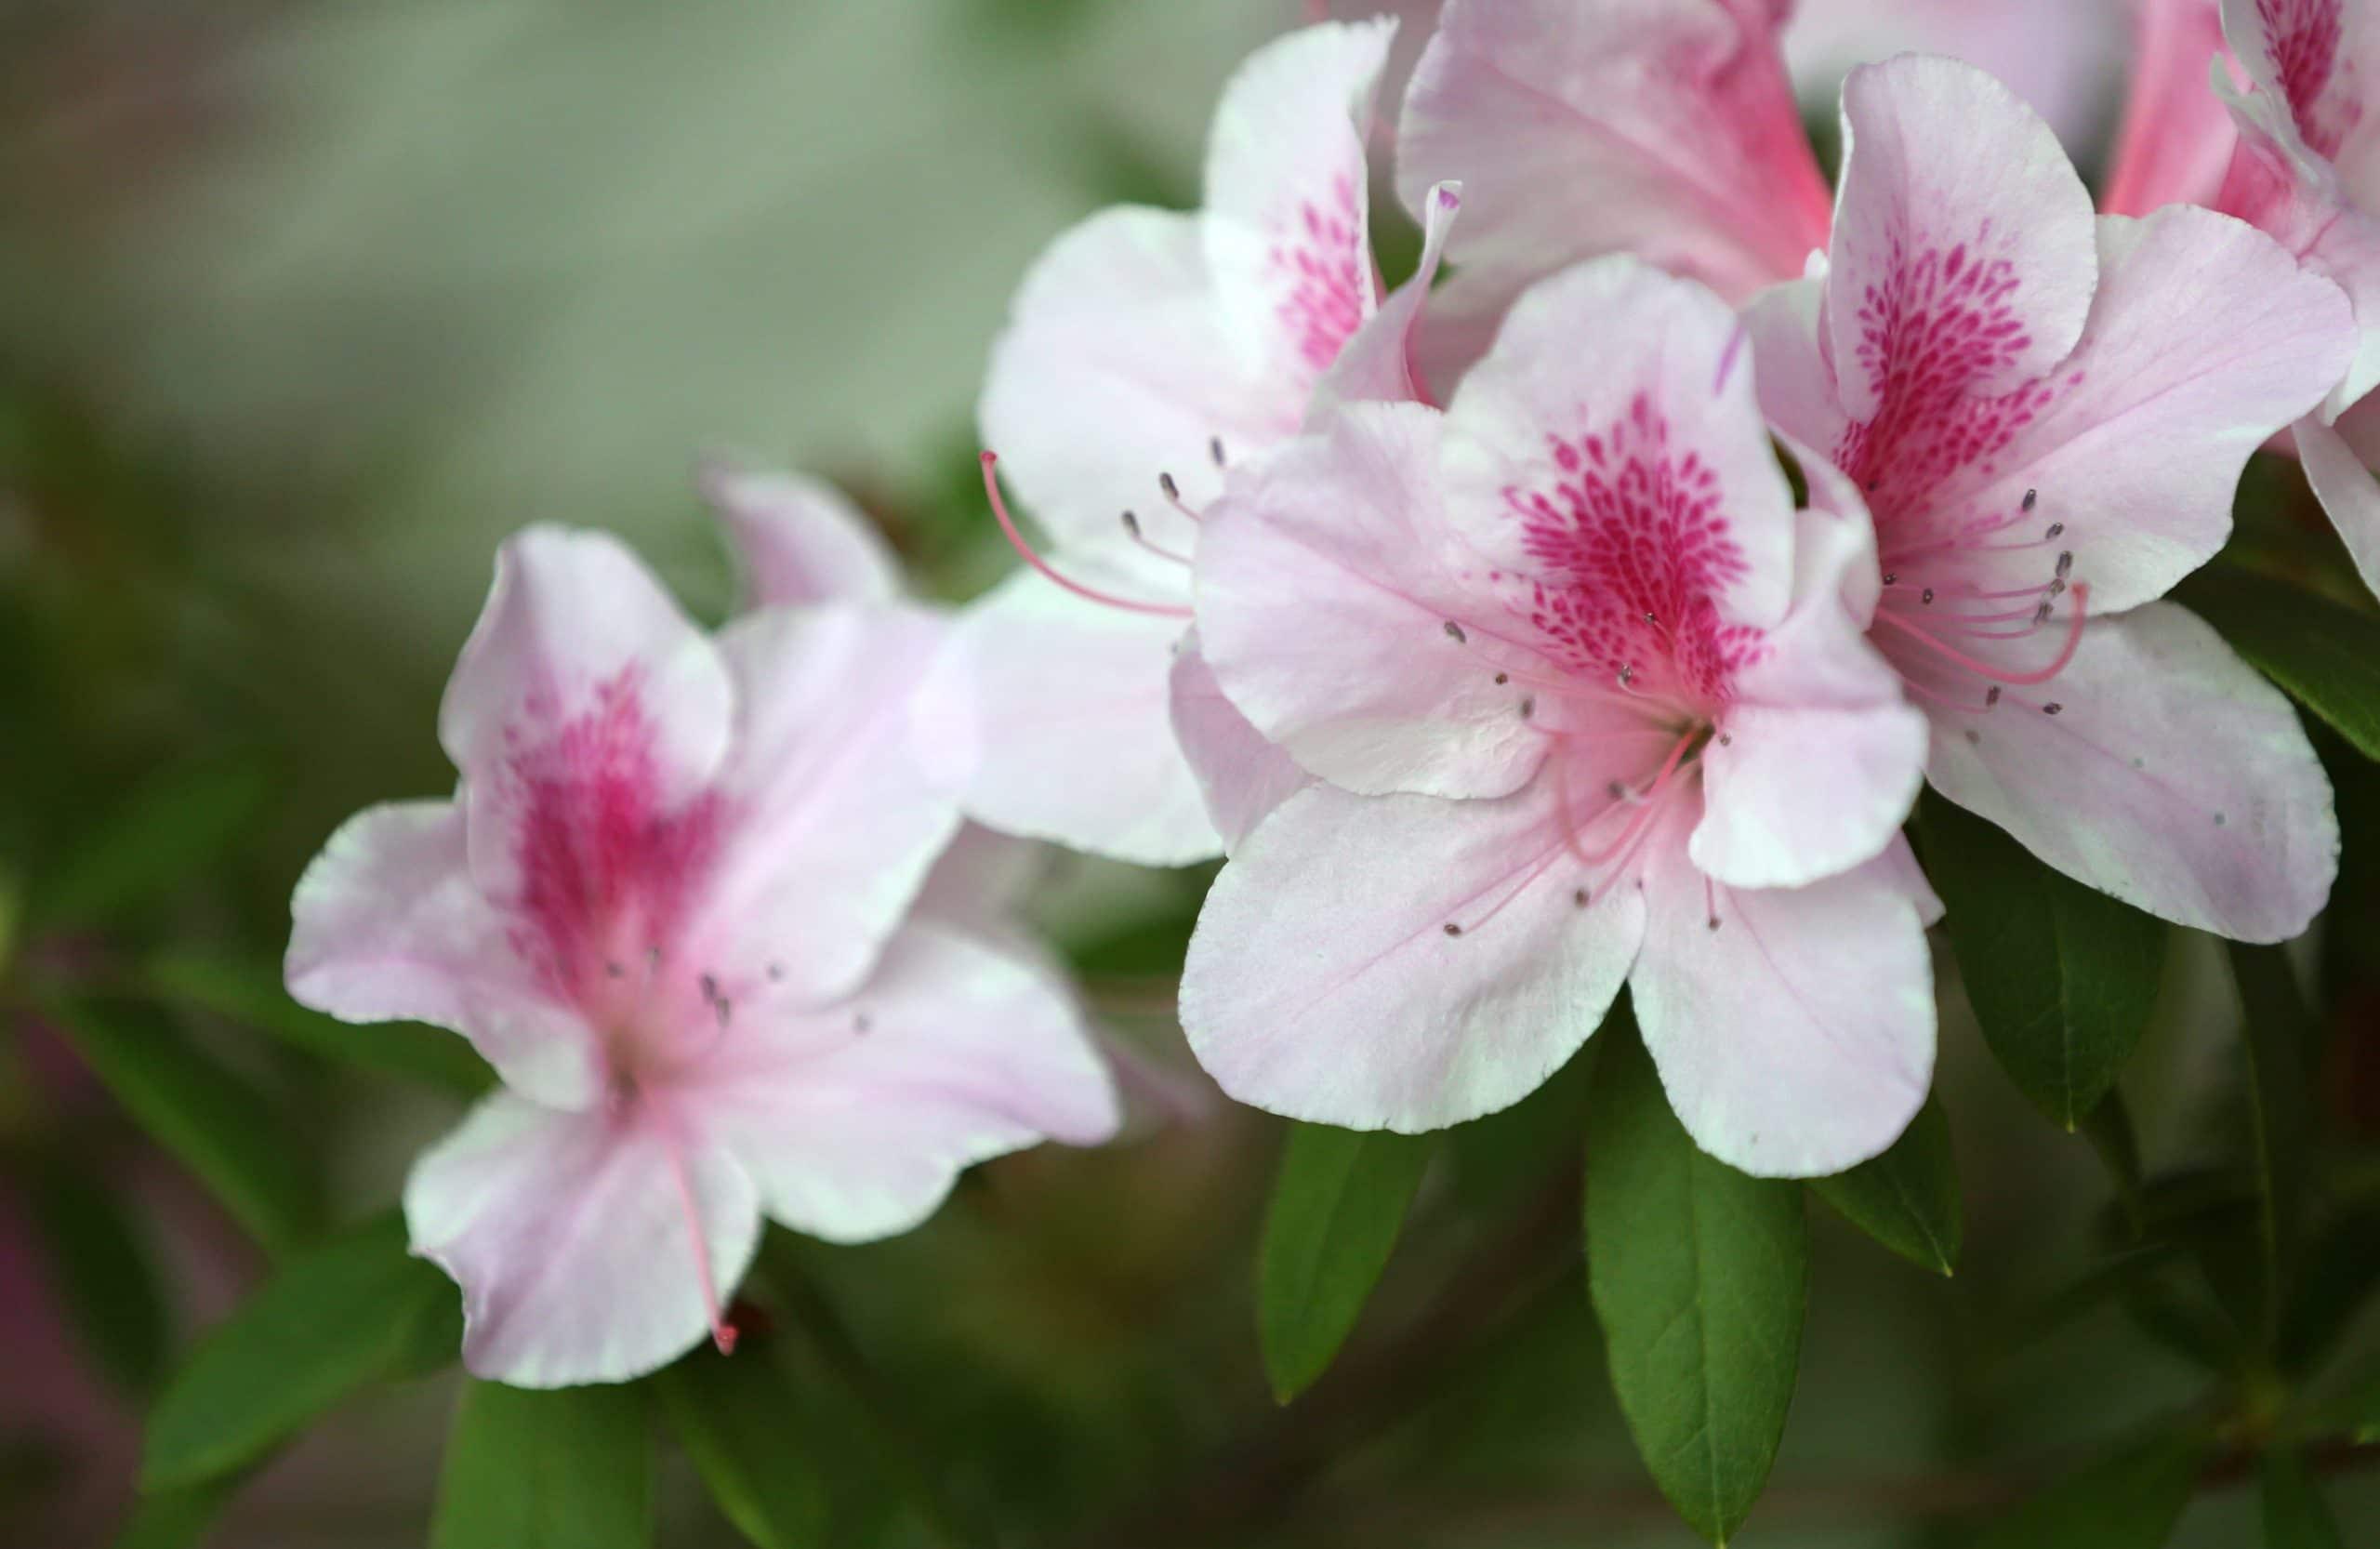 Azalea en flor, un hermoso arbusto